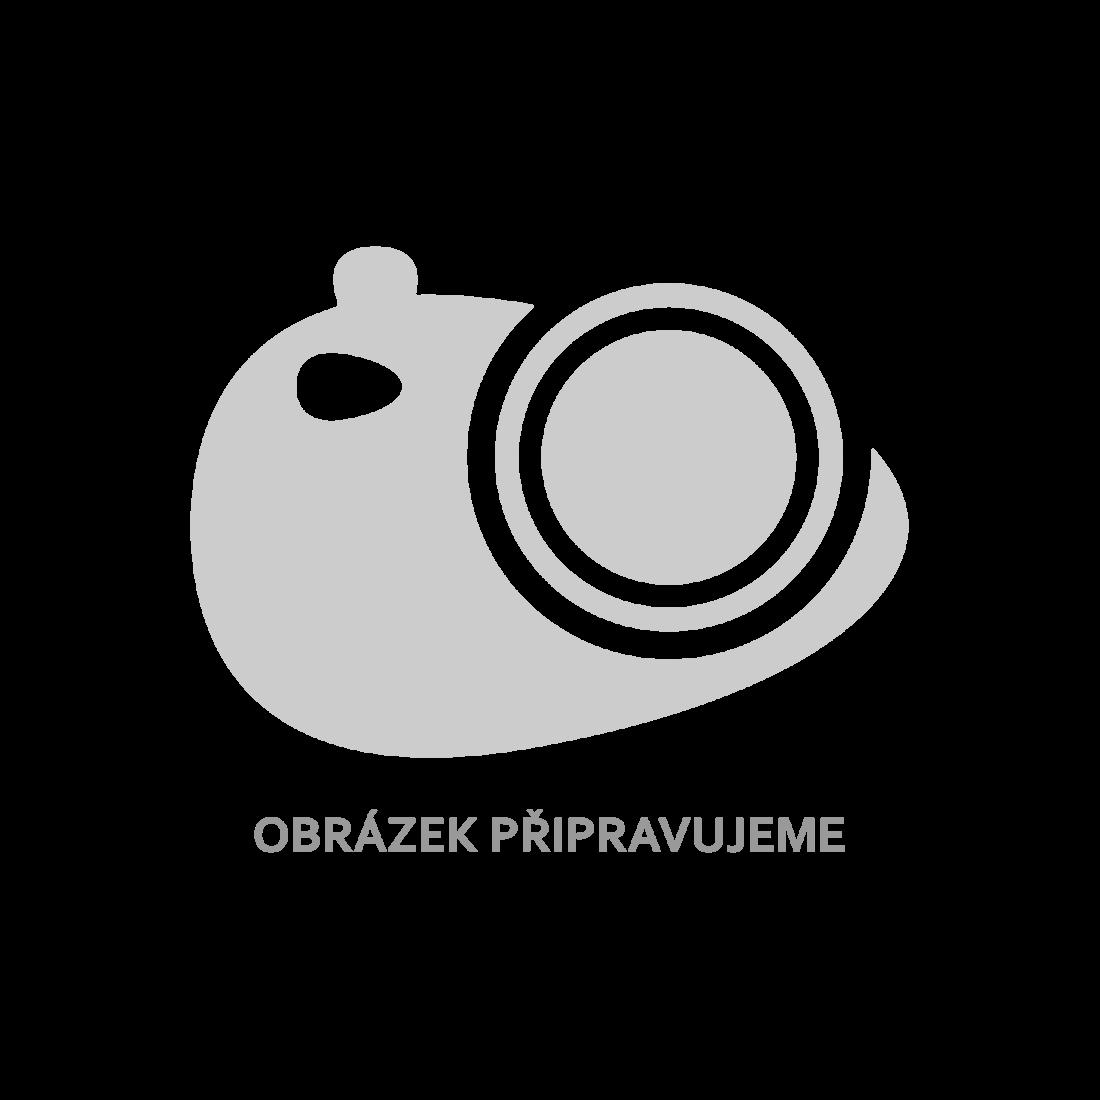 Vínově červená čalouněná podložka na sedadlo 120 x 80 x 10 cm